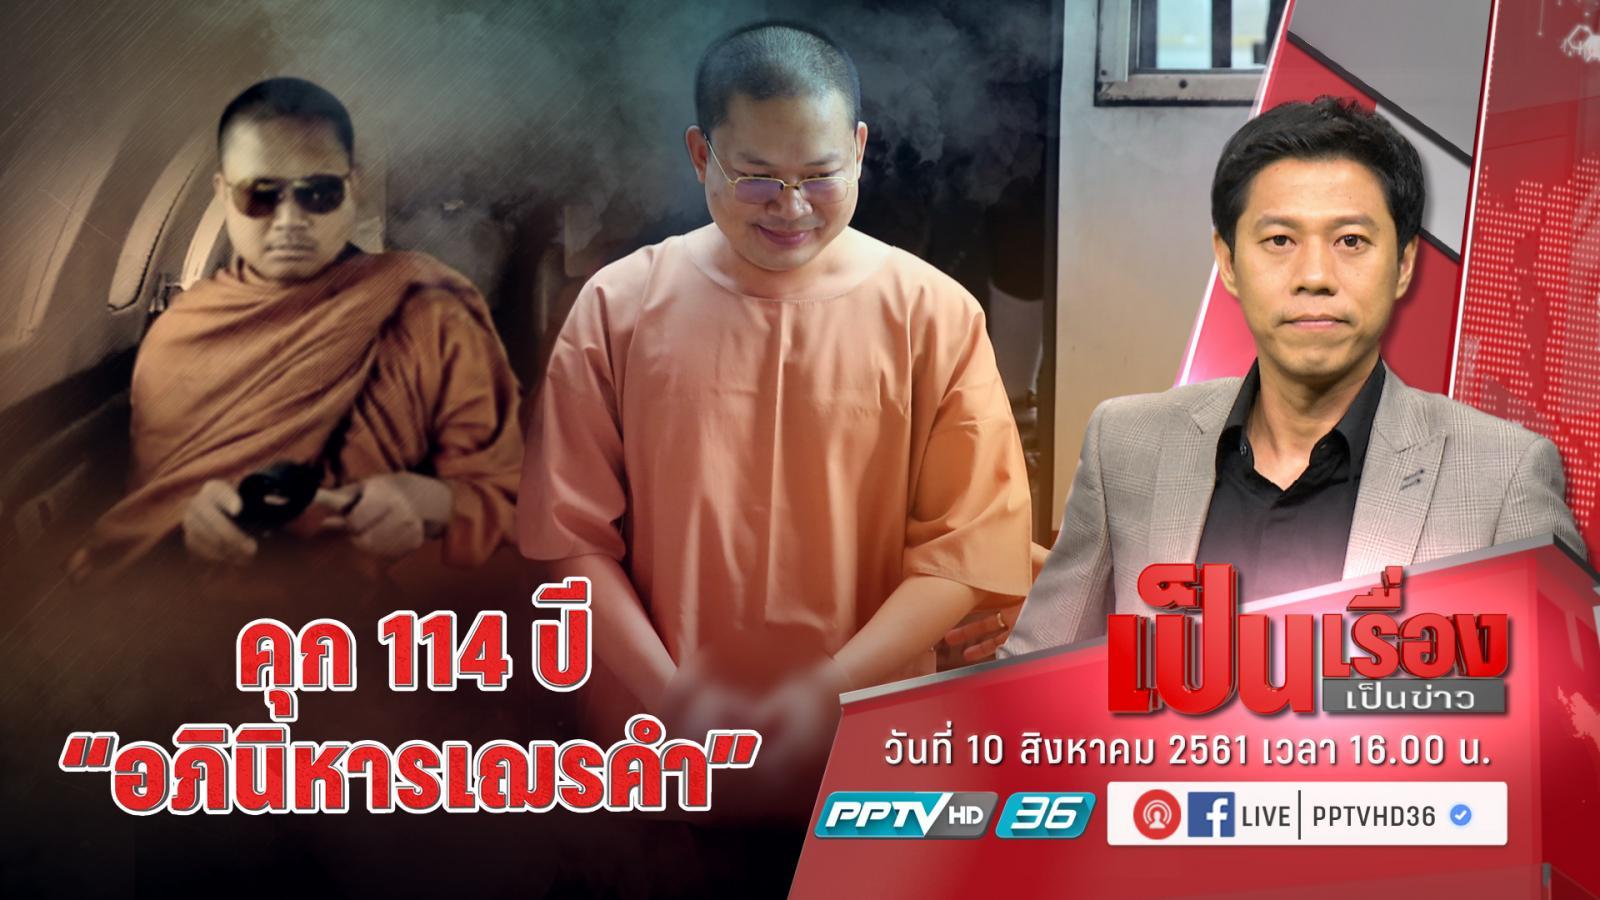 """""""อดีตรองอธิบดี DSI """" เปิดเบื้องหลังปฏิบัติการ """"ไล่ล่าเณรคำ"""" จาก """"อเมริกา กลับ เมืองไทย"""""""